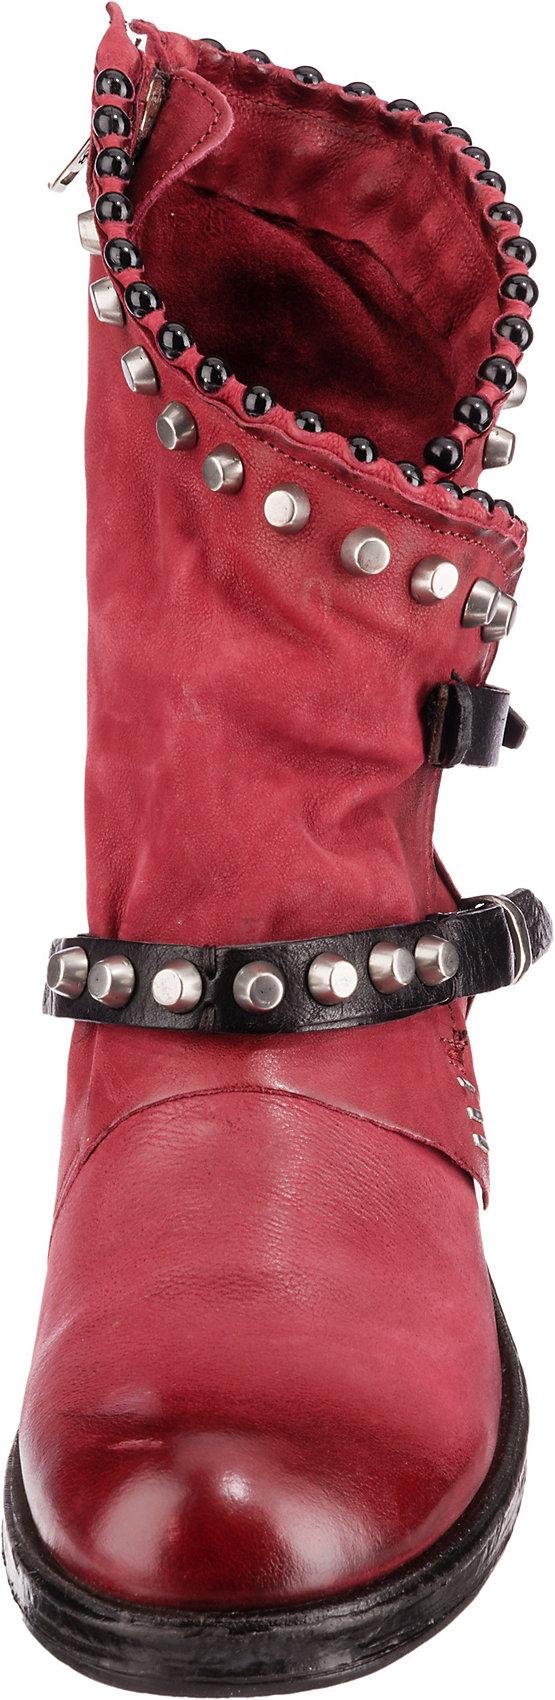 Neu A.S.98 Biker Boots 15334296 für Damen cognac rot schwarz grün